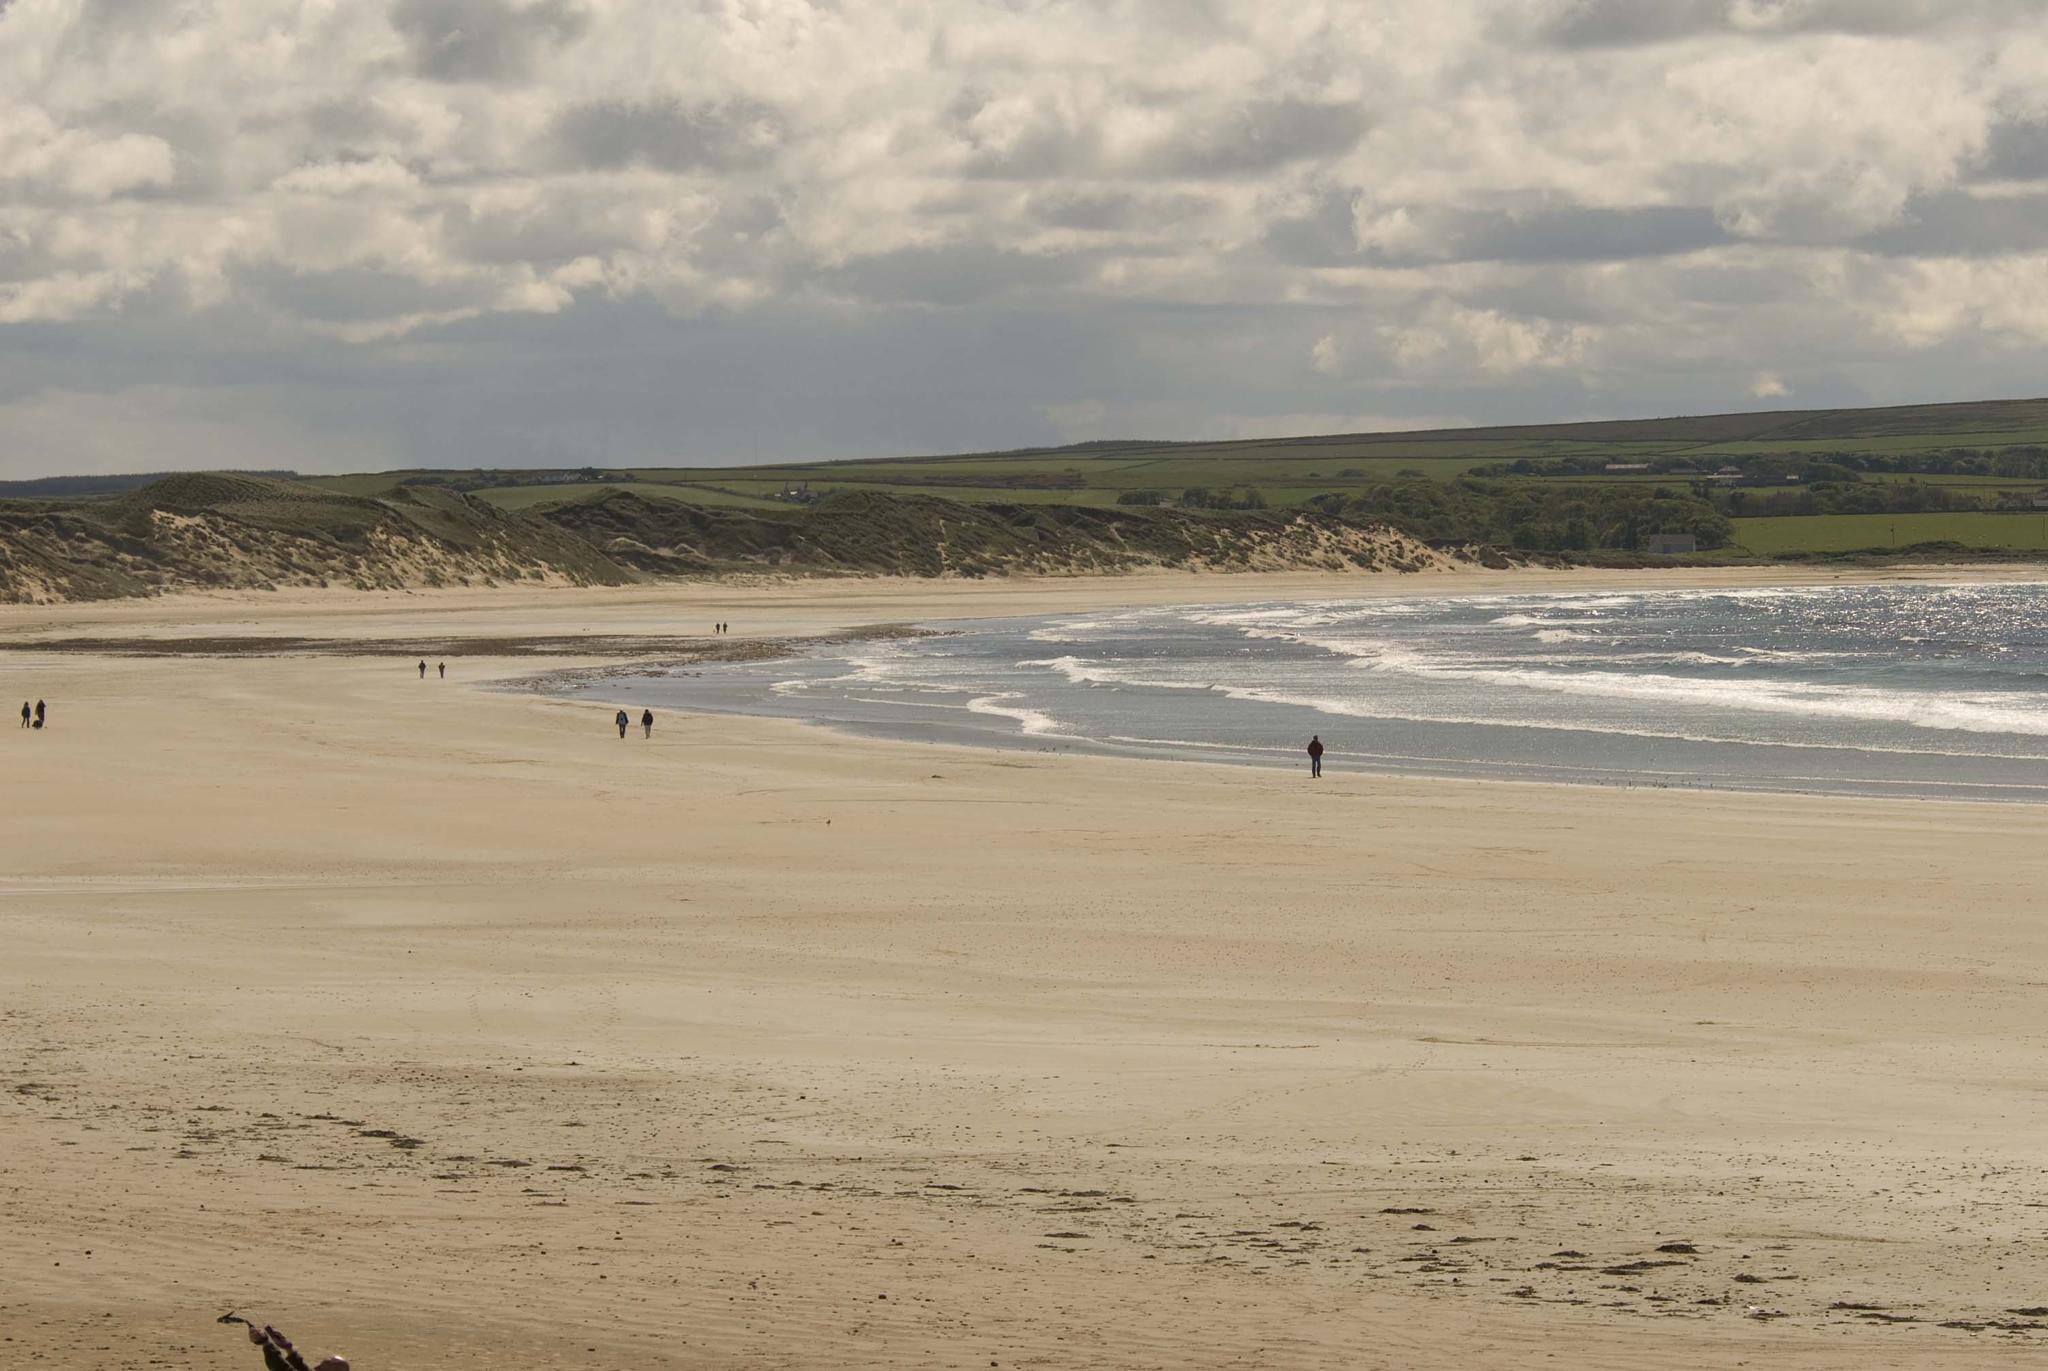 Dunnet beach by leslie.mcbeath